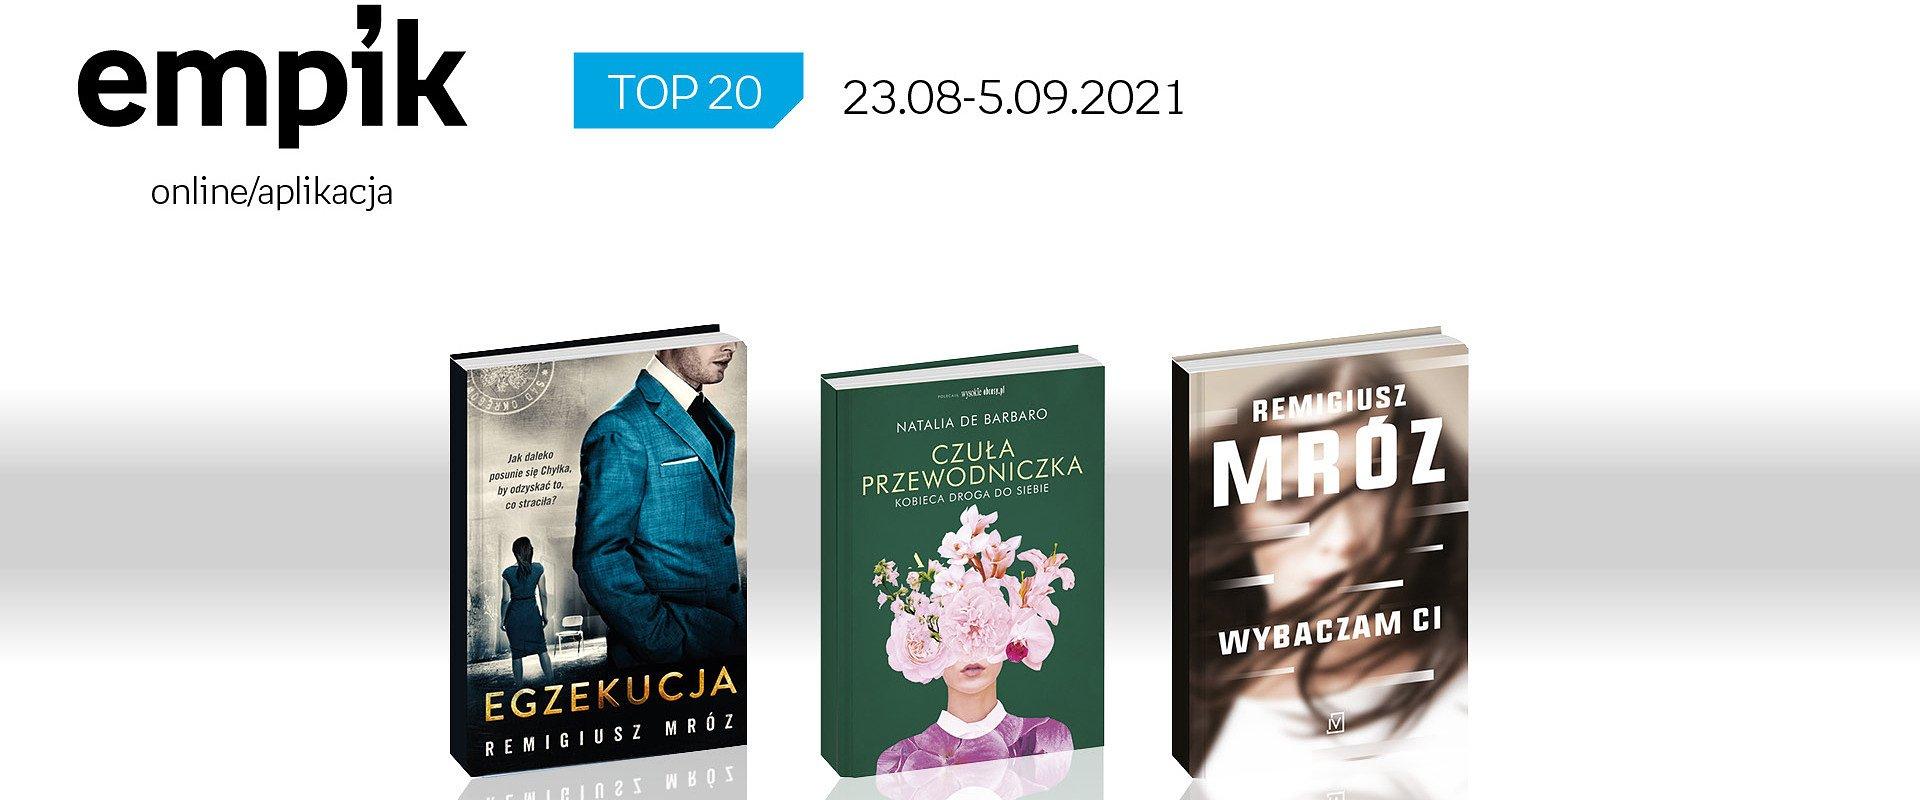 Książkowa lista TOP20 na Empik.com za okres 23 sierpnia - 5 września